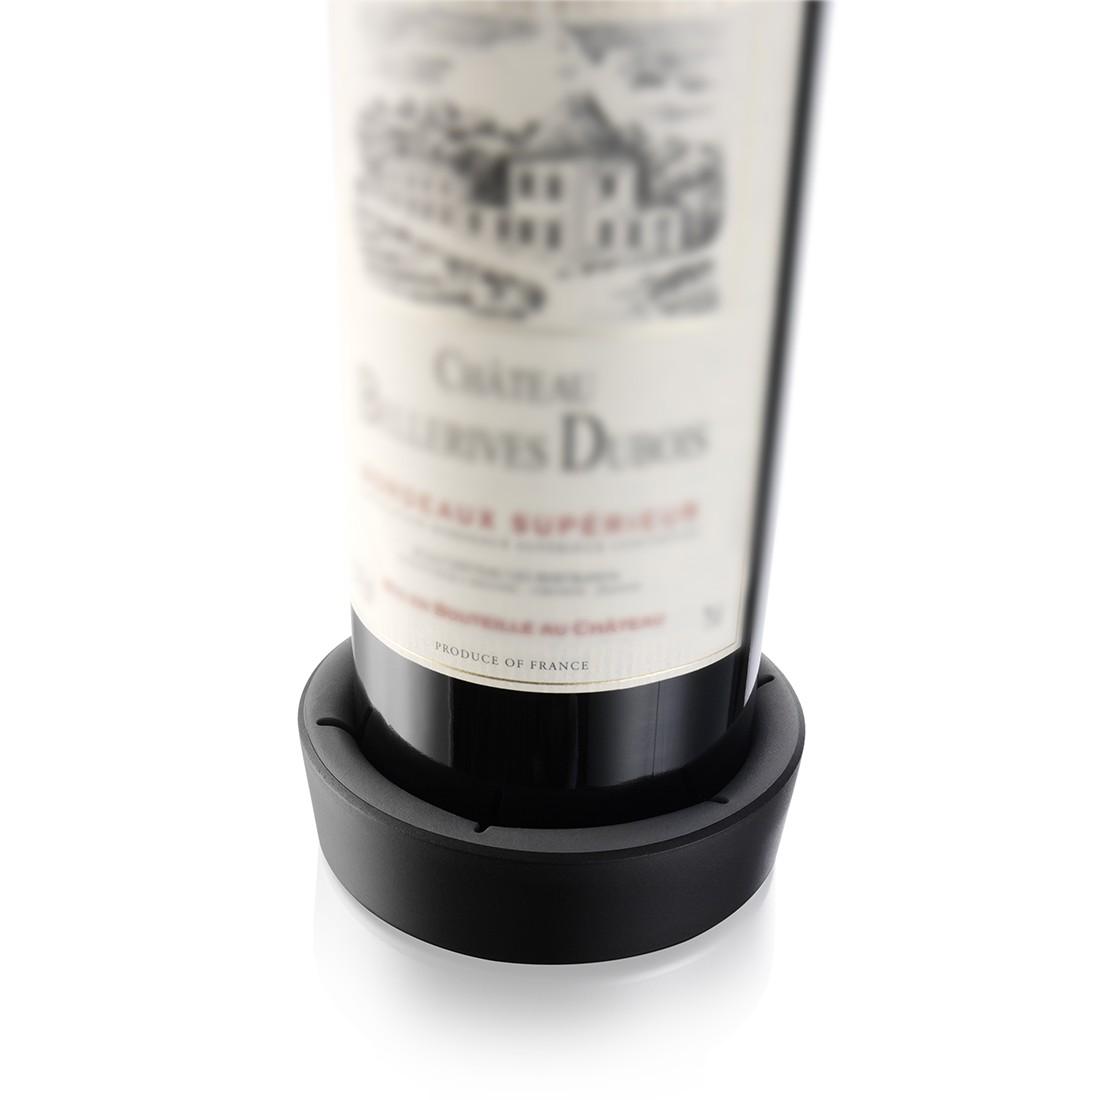 Flaschenuntersetzer (5er-Set) – Schwarz, Vacu Vin kaufen